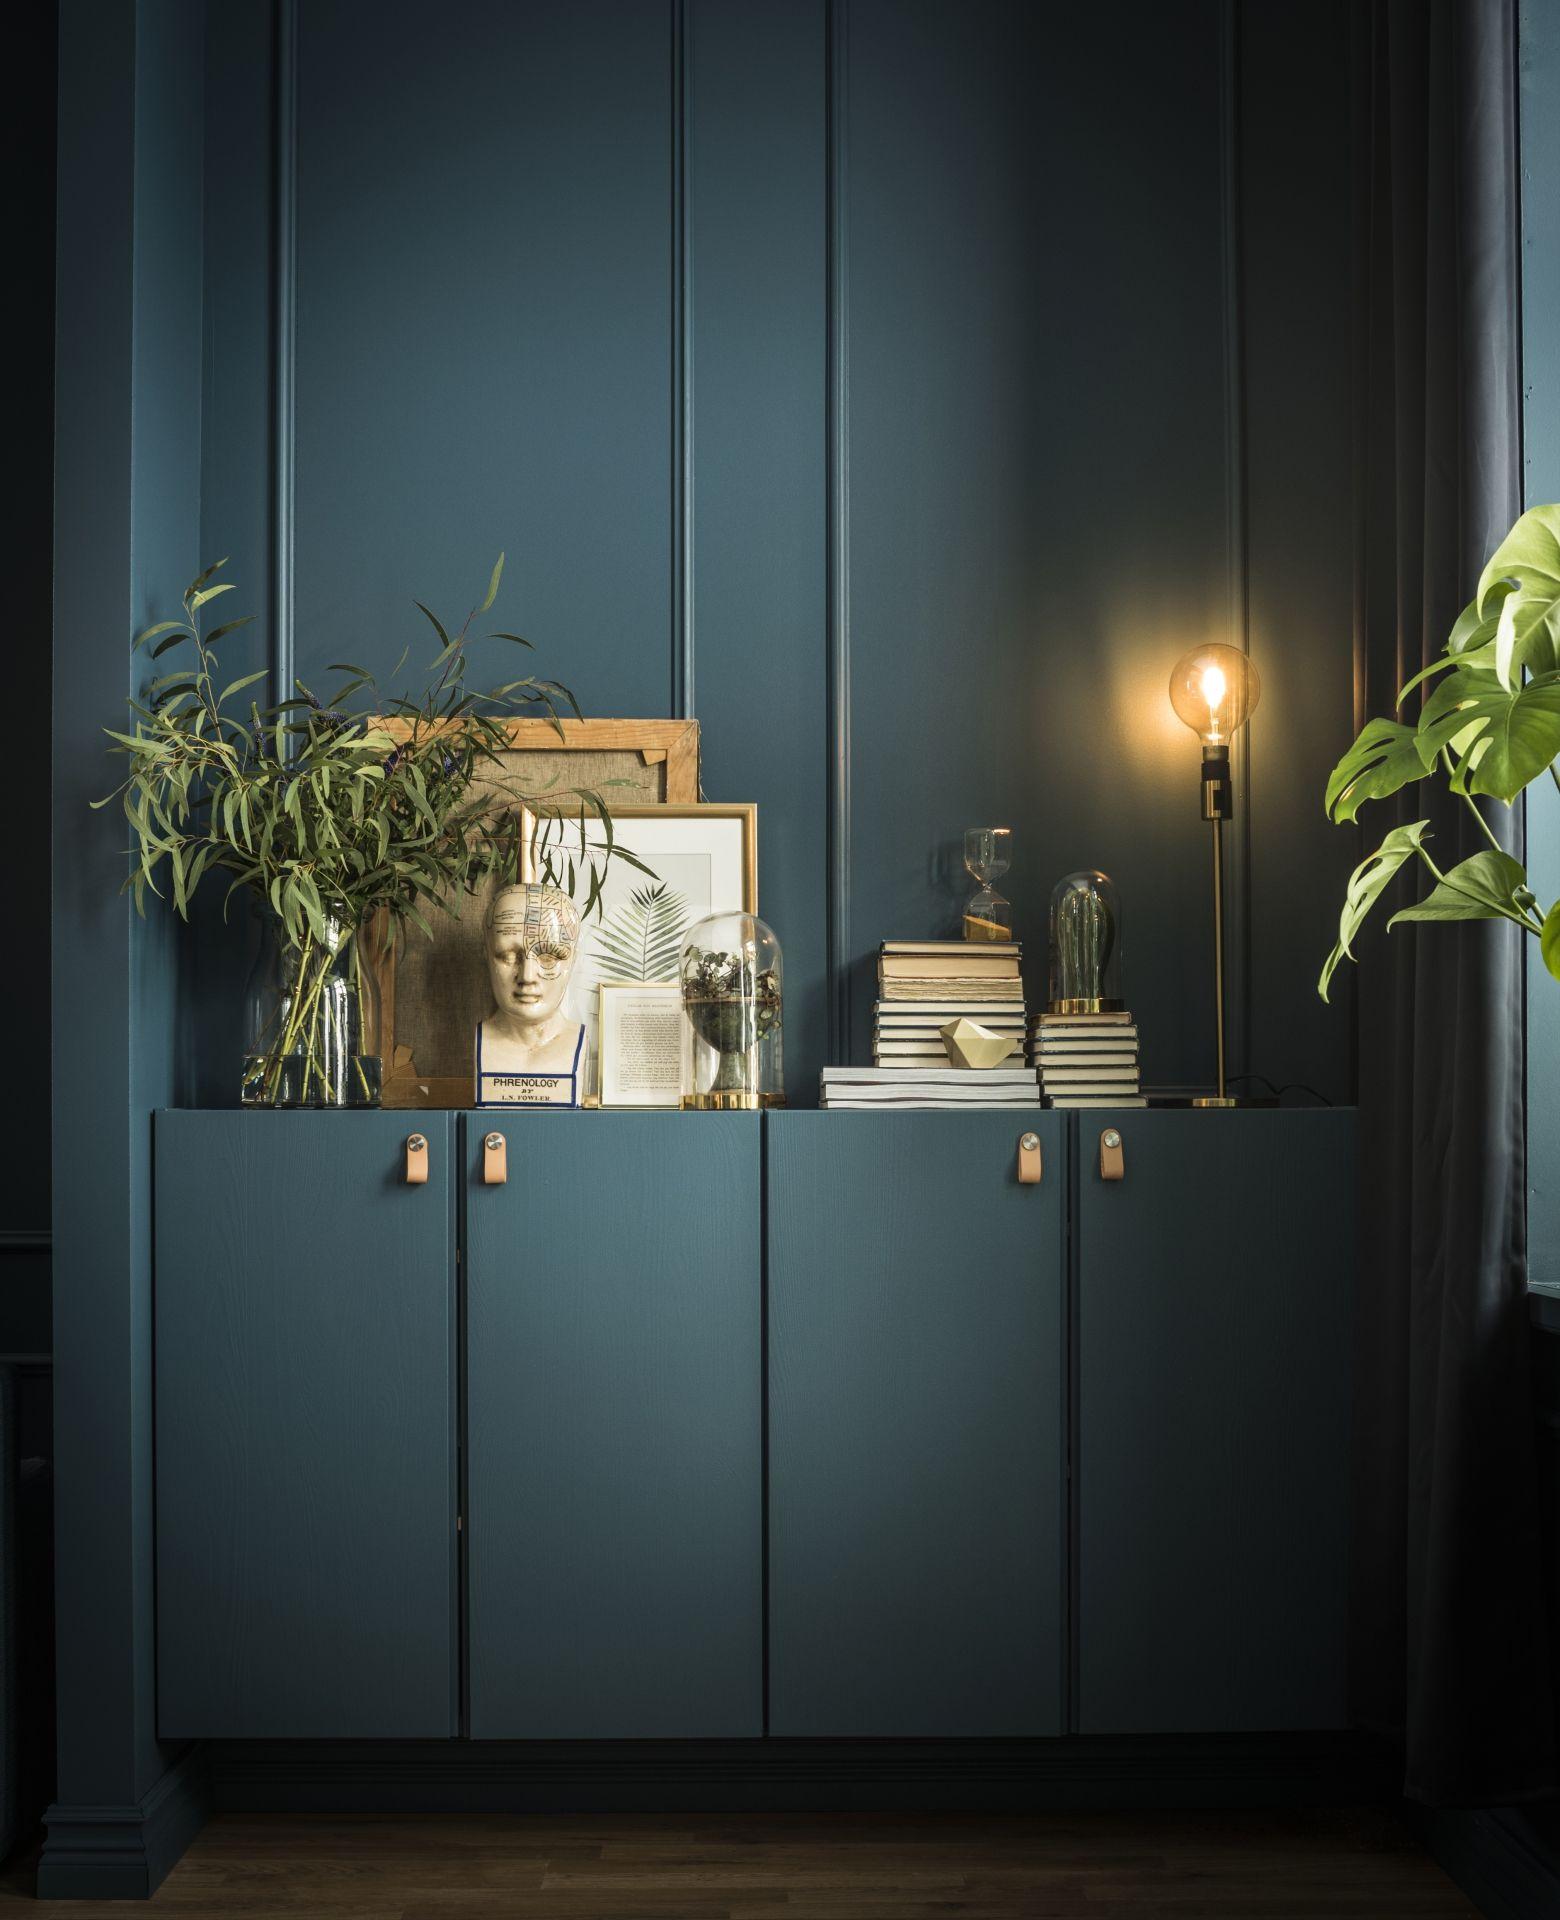 ikea deutschland ivar kannst du auch passend zur wandfarbe streichen mit den ledergriffen. Black Bedroom Furniture Sets. Home Design Ideas